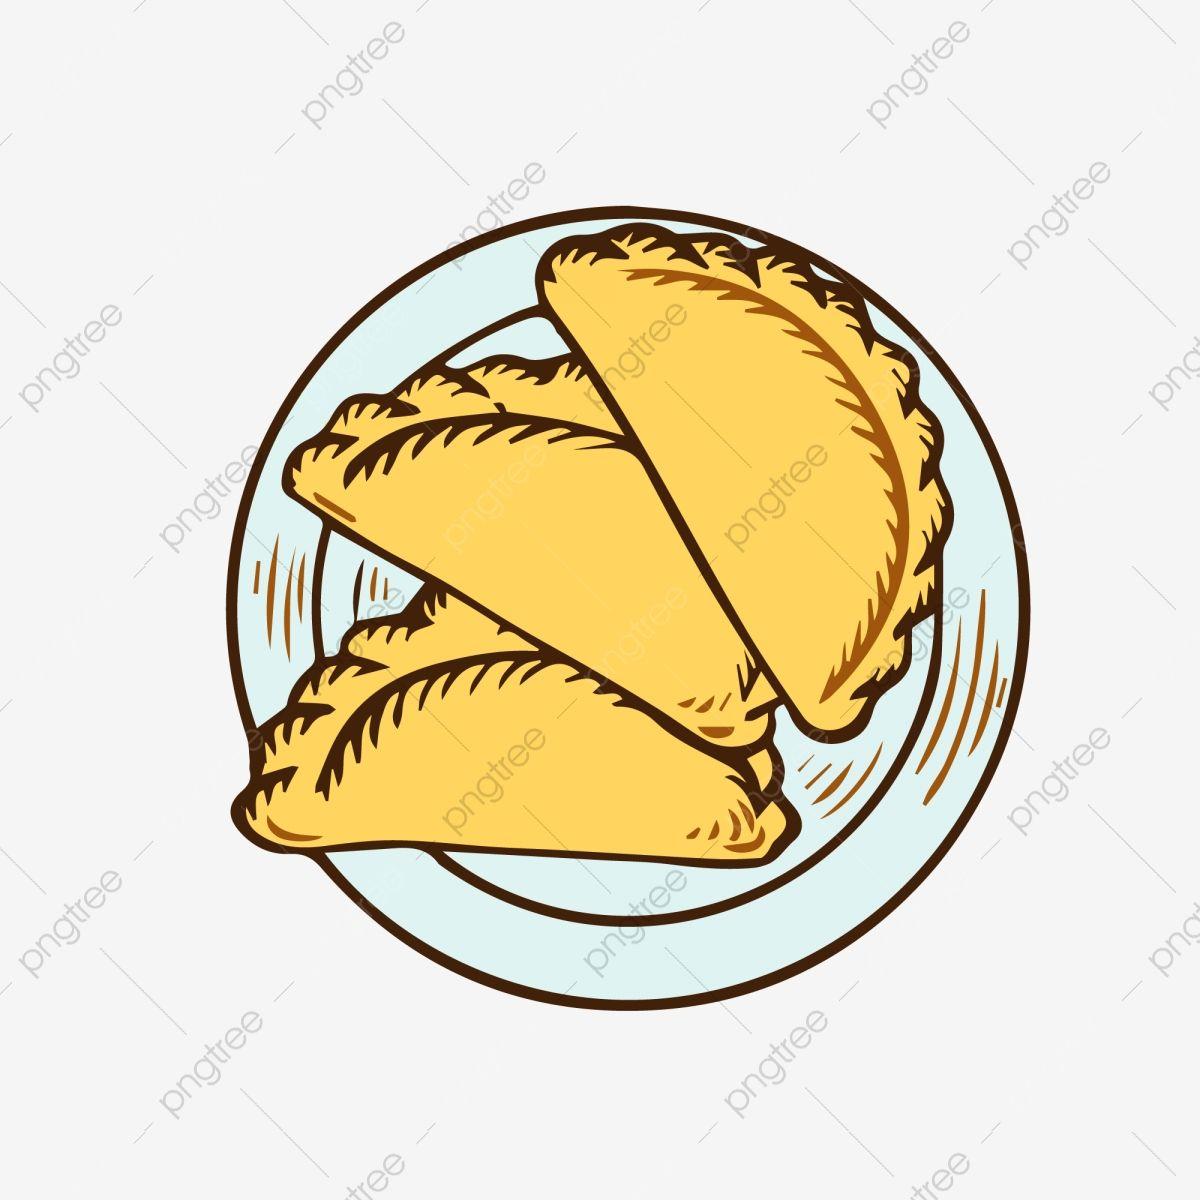 Empanadillas Comida Rapida Dibujado A Mano La Comida Clipart De Alimentos Cg Tablero De Pintura Png Y Vector Para Descargar Gratis Pngtree Empanadas Dibujo Logos De Comida Imagenes De Tacos